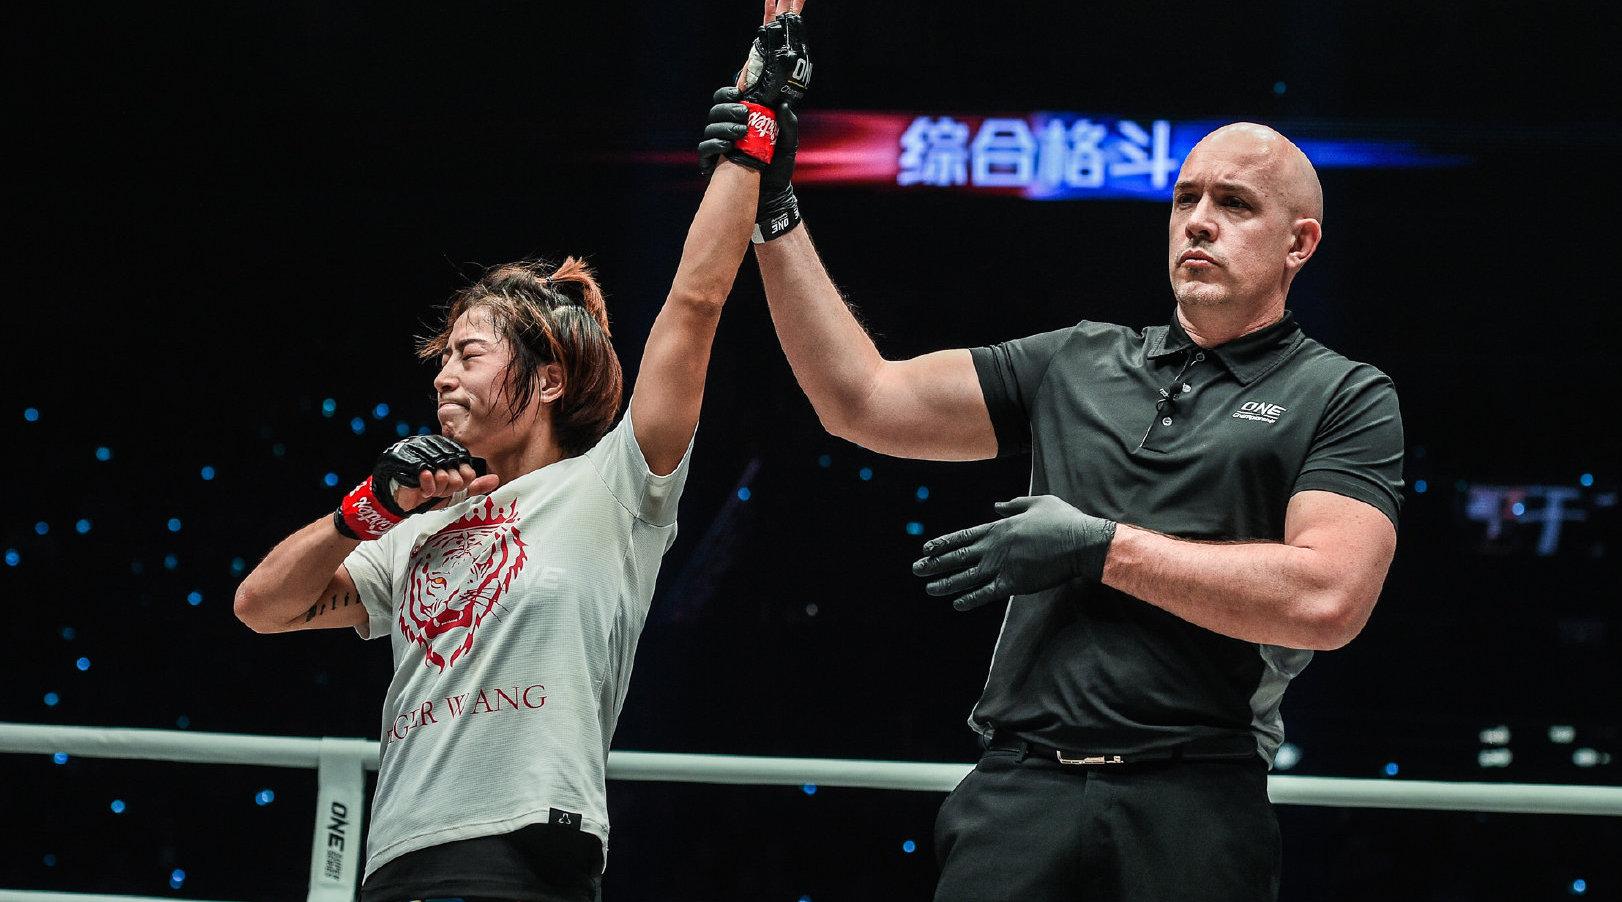 ONE冠军赛北京站,孟博VS劳拉-巴林去全场,孟博首回合TKO获胜